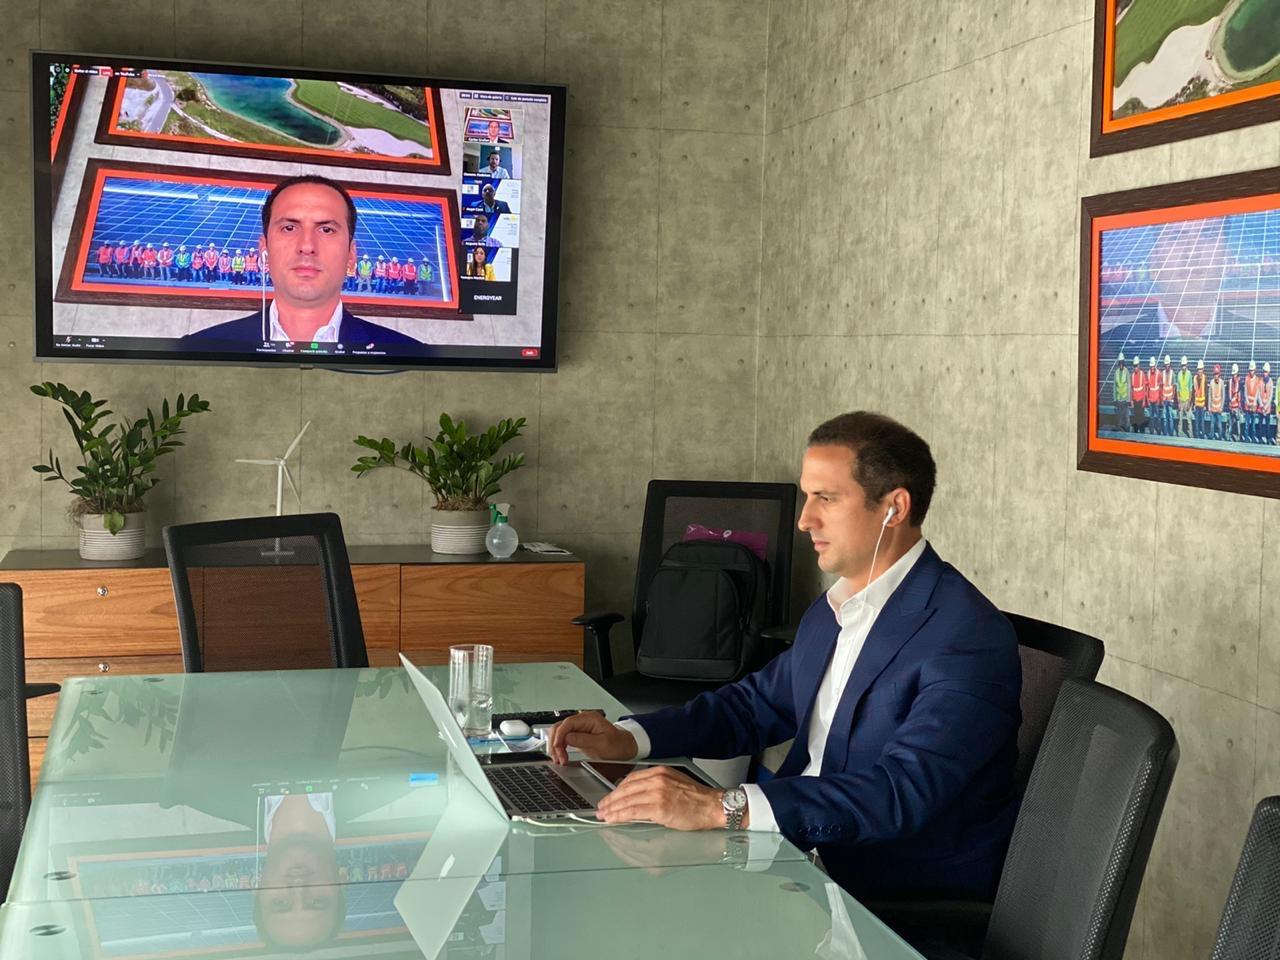 """Carlos Grullón: """"Energías renovables garantizan empleos y reducción de carbono en reinicio económico"""""""